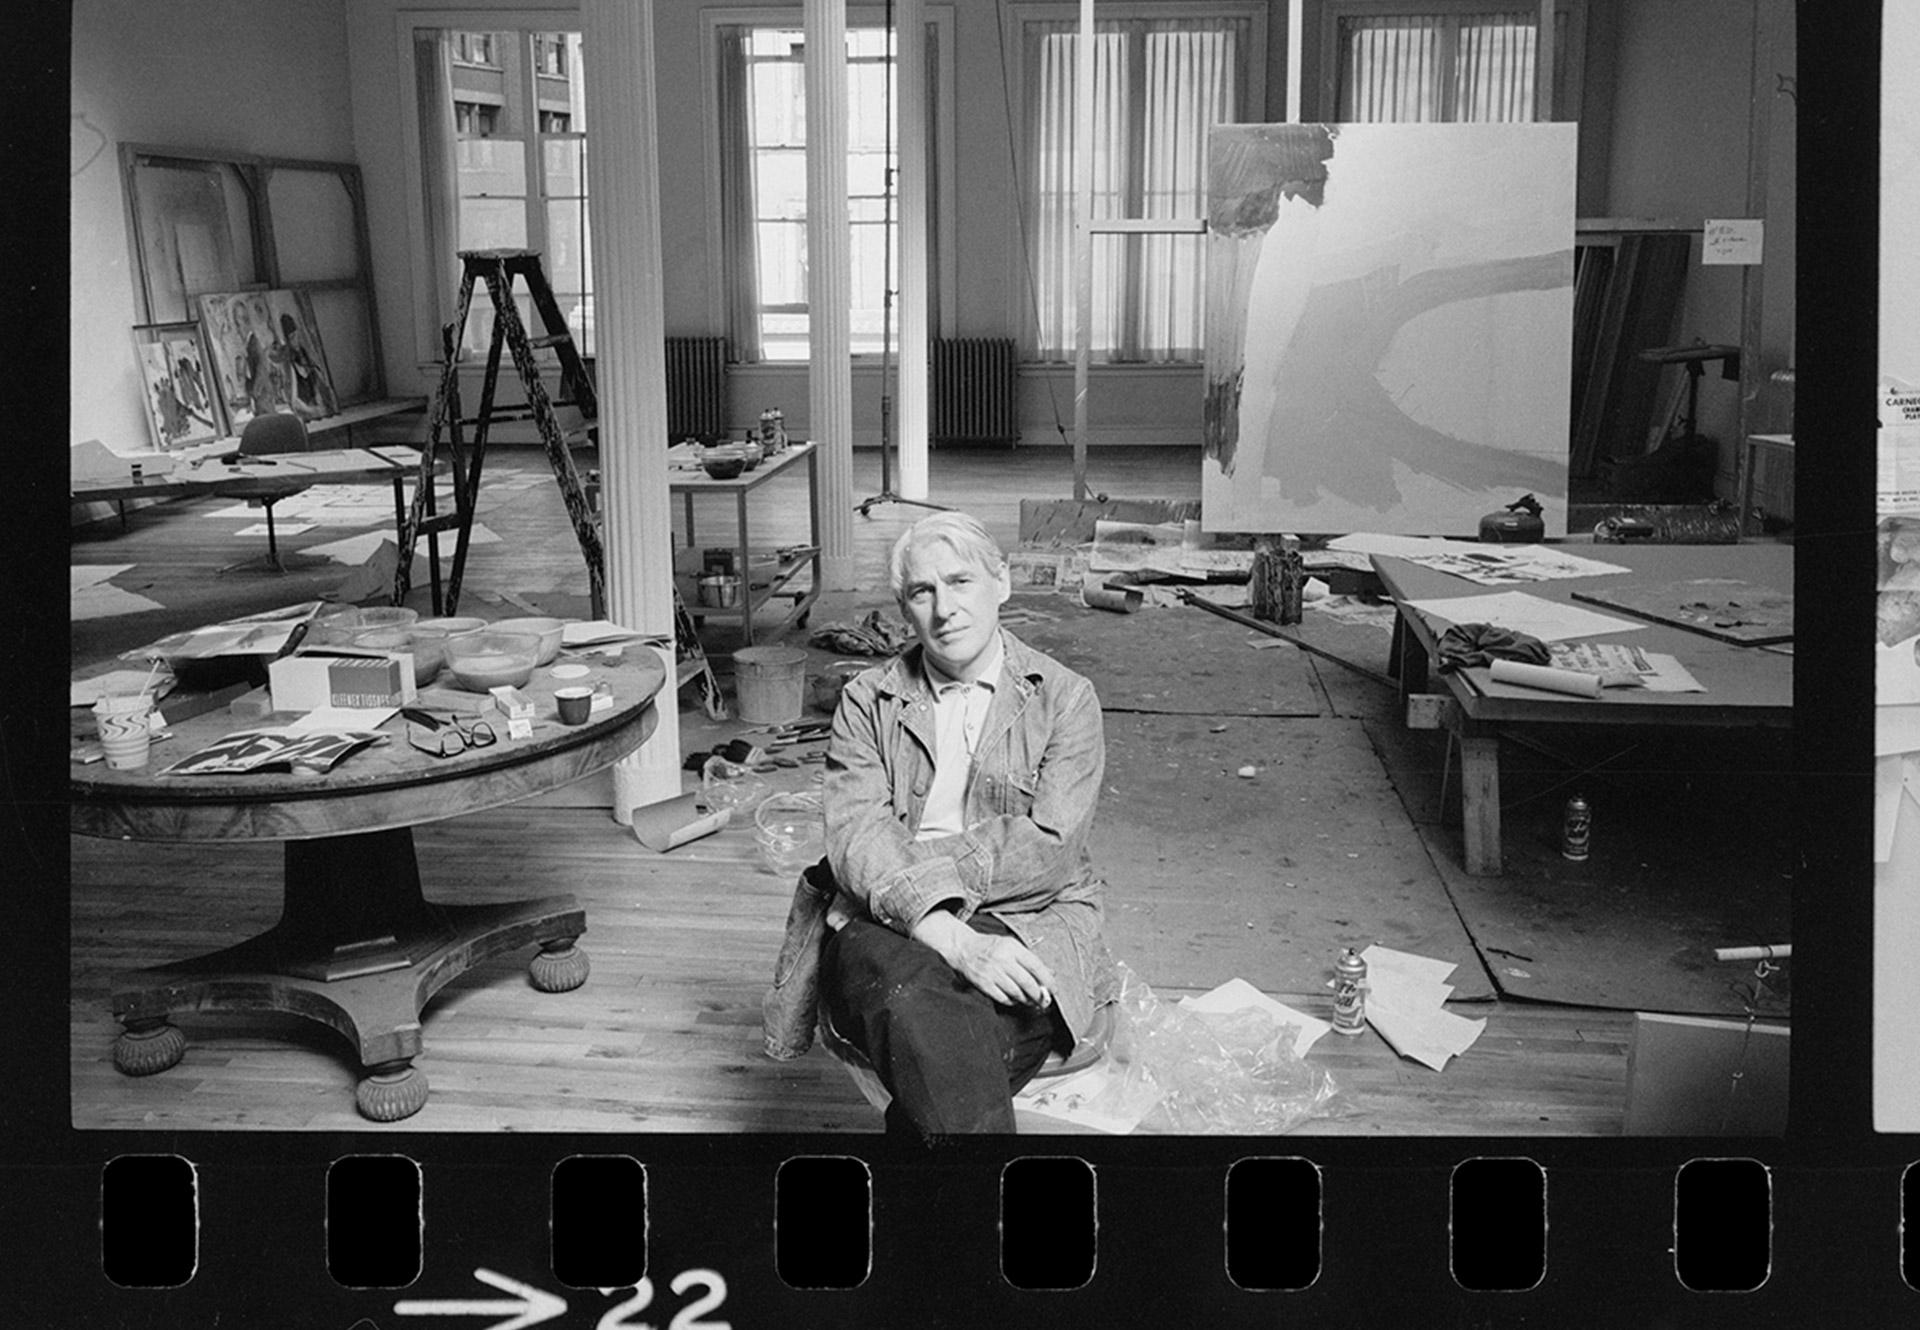 Willem de Kooning | Artistas | Guggenheim Bilbao Museoa